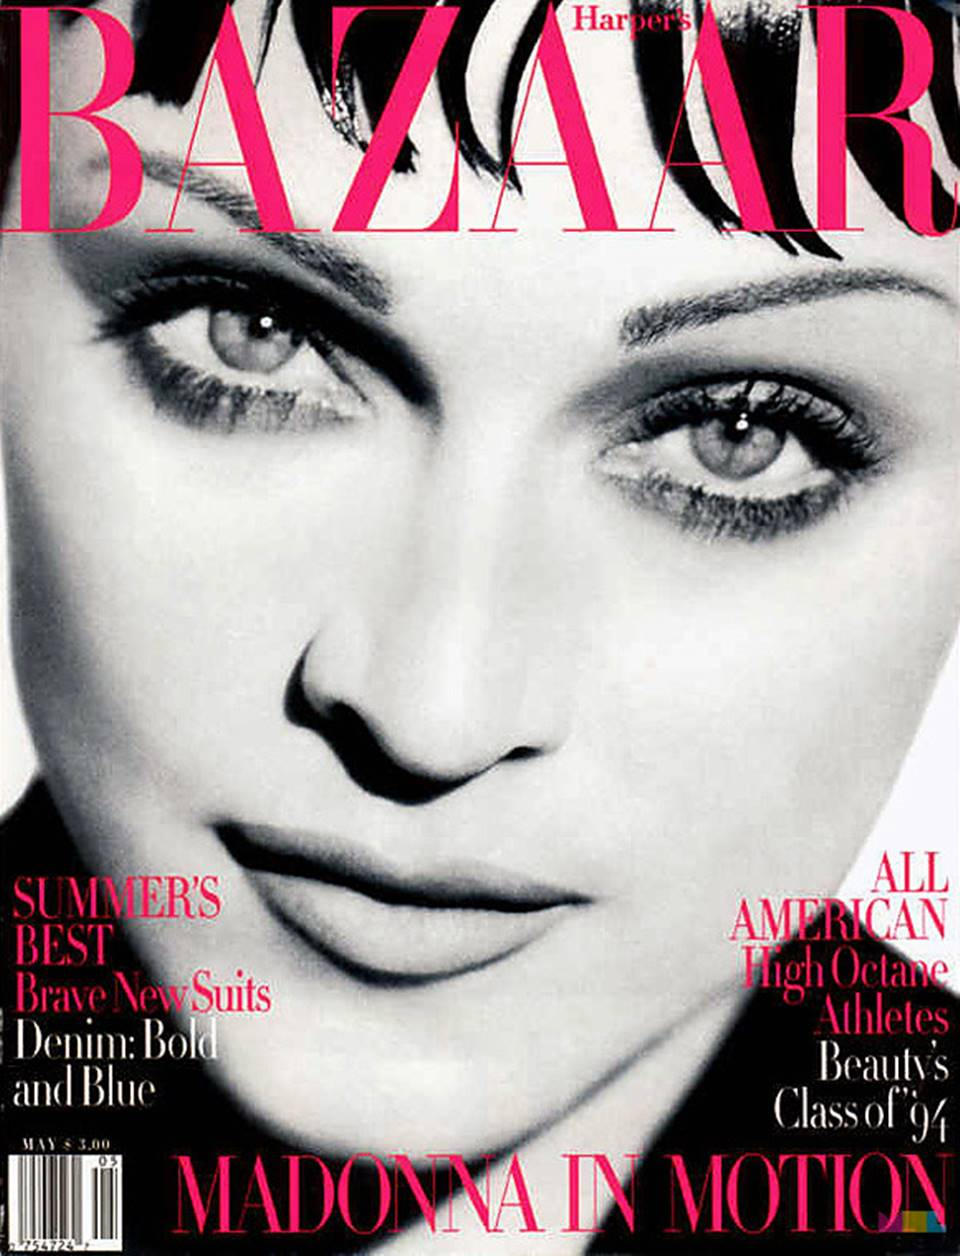 Reprodução/Harper's Bazaar